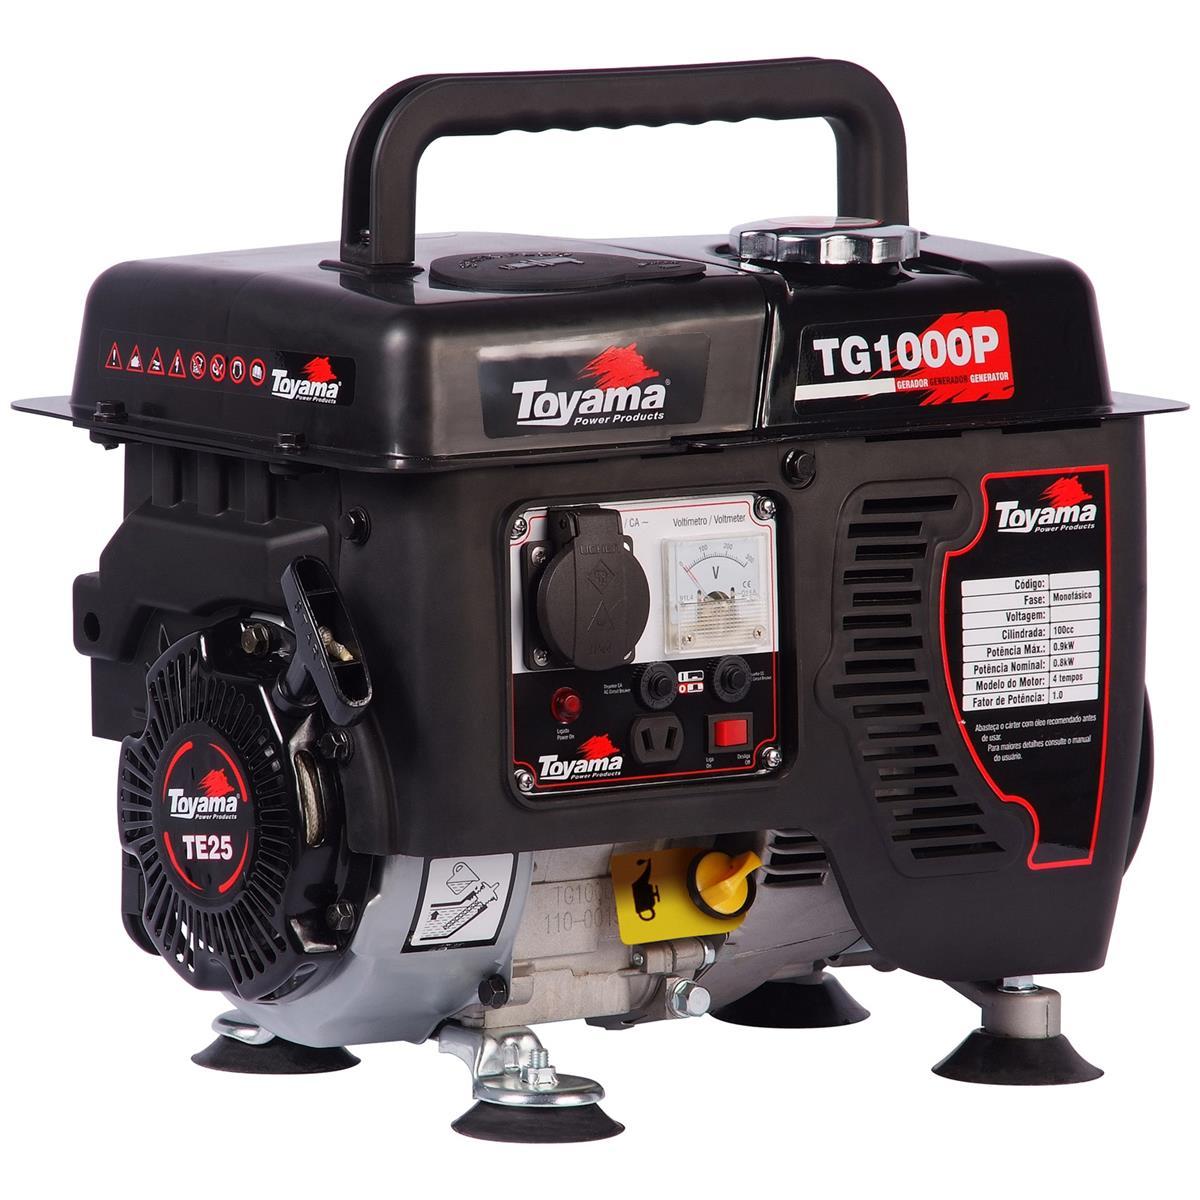 Gerador Gasolina 4 Tempos 110V 4 Litros Tg1000p - 1 Toyama